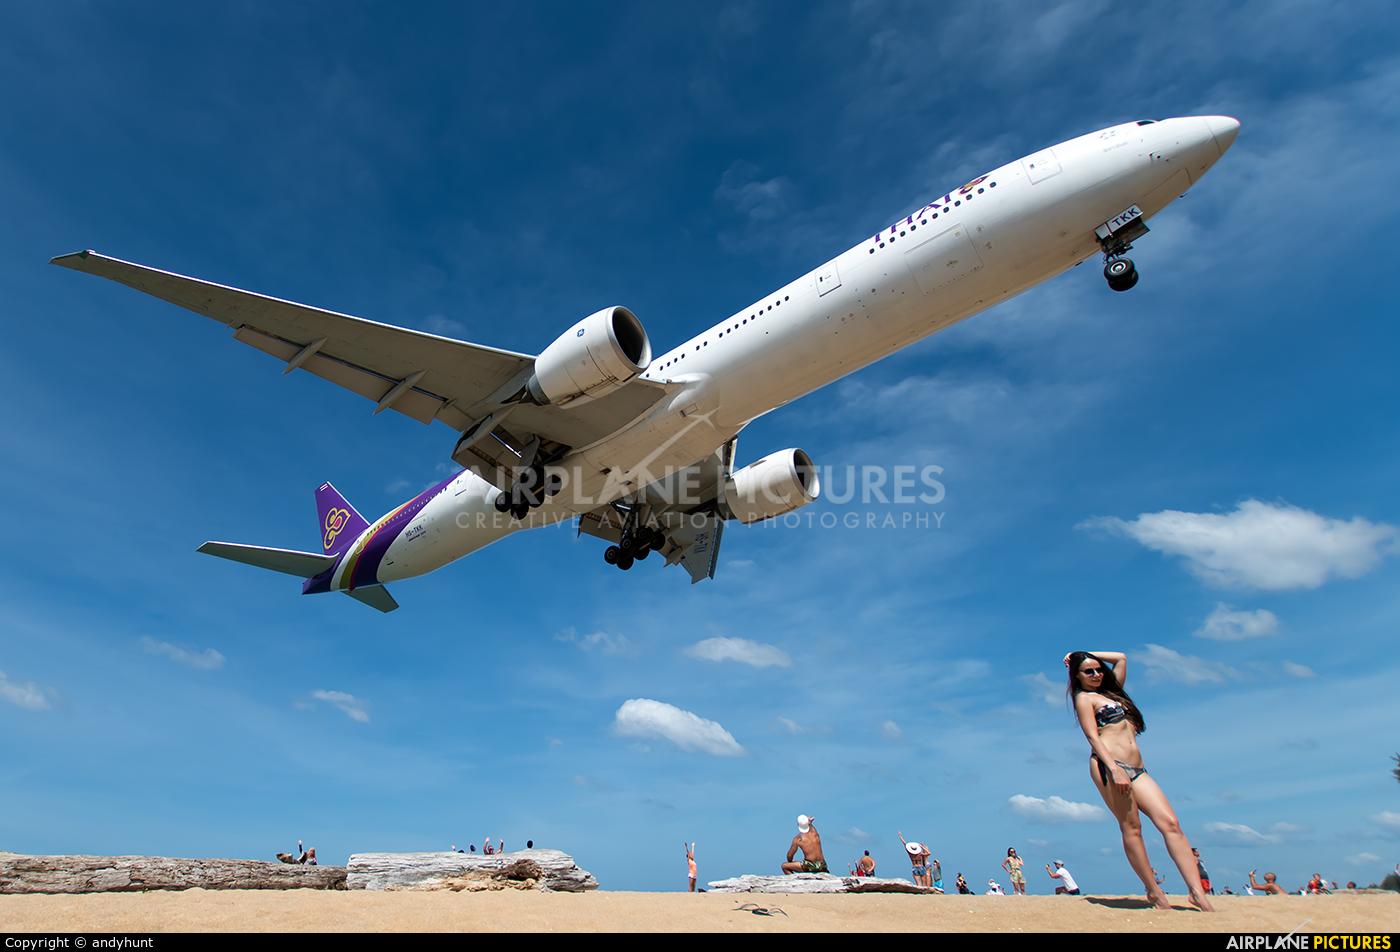 Thai Airways HS-TKK aircraft at Phuket